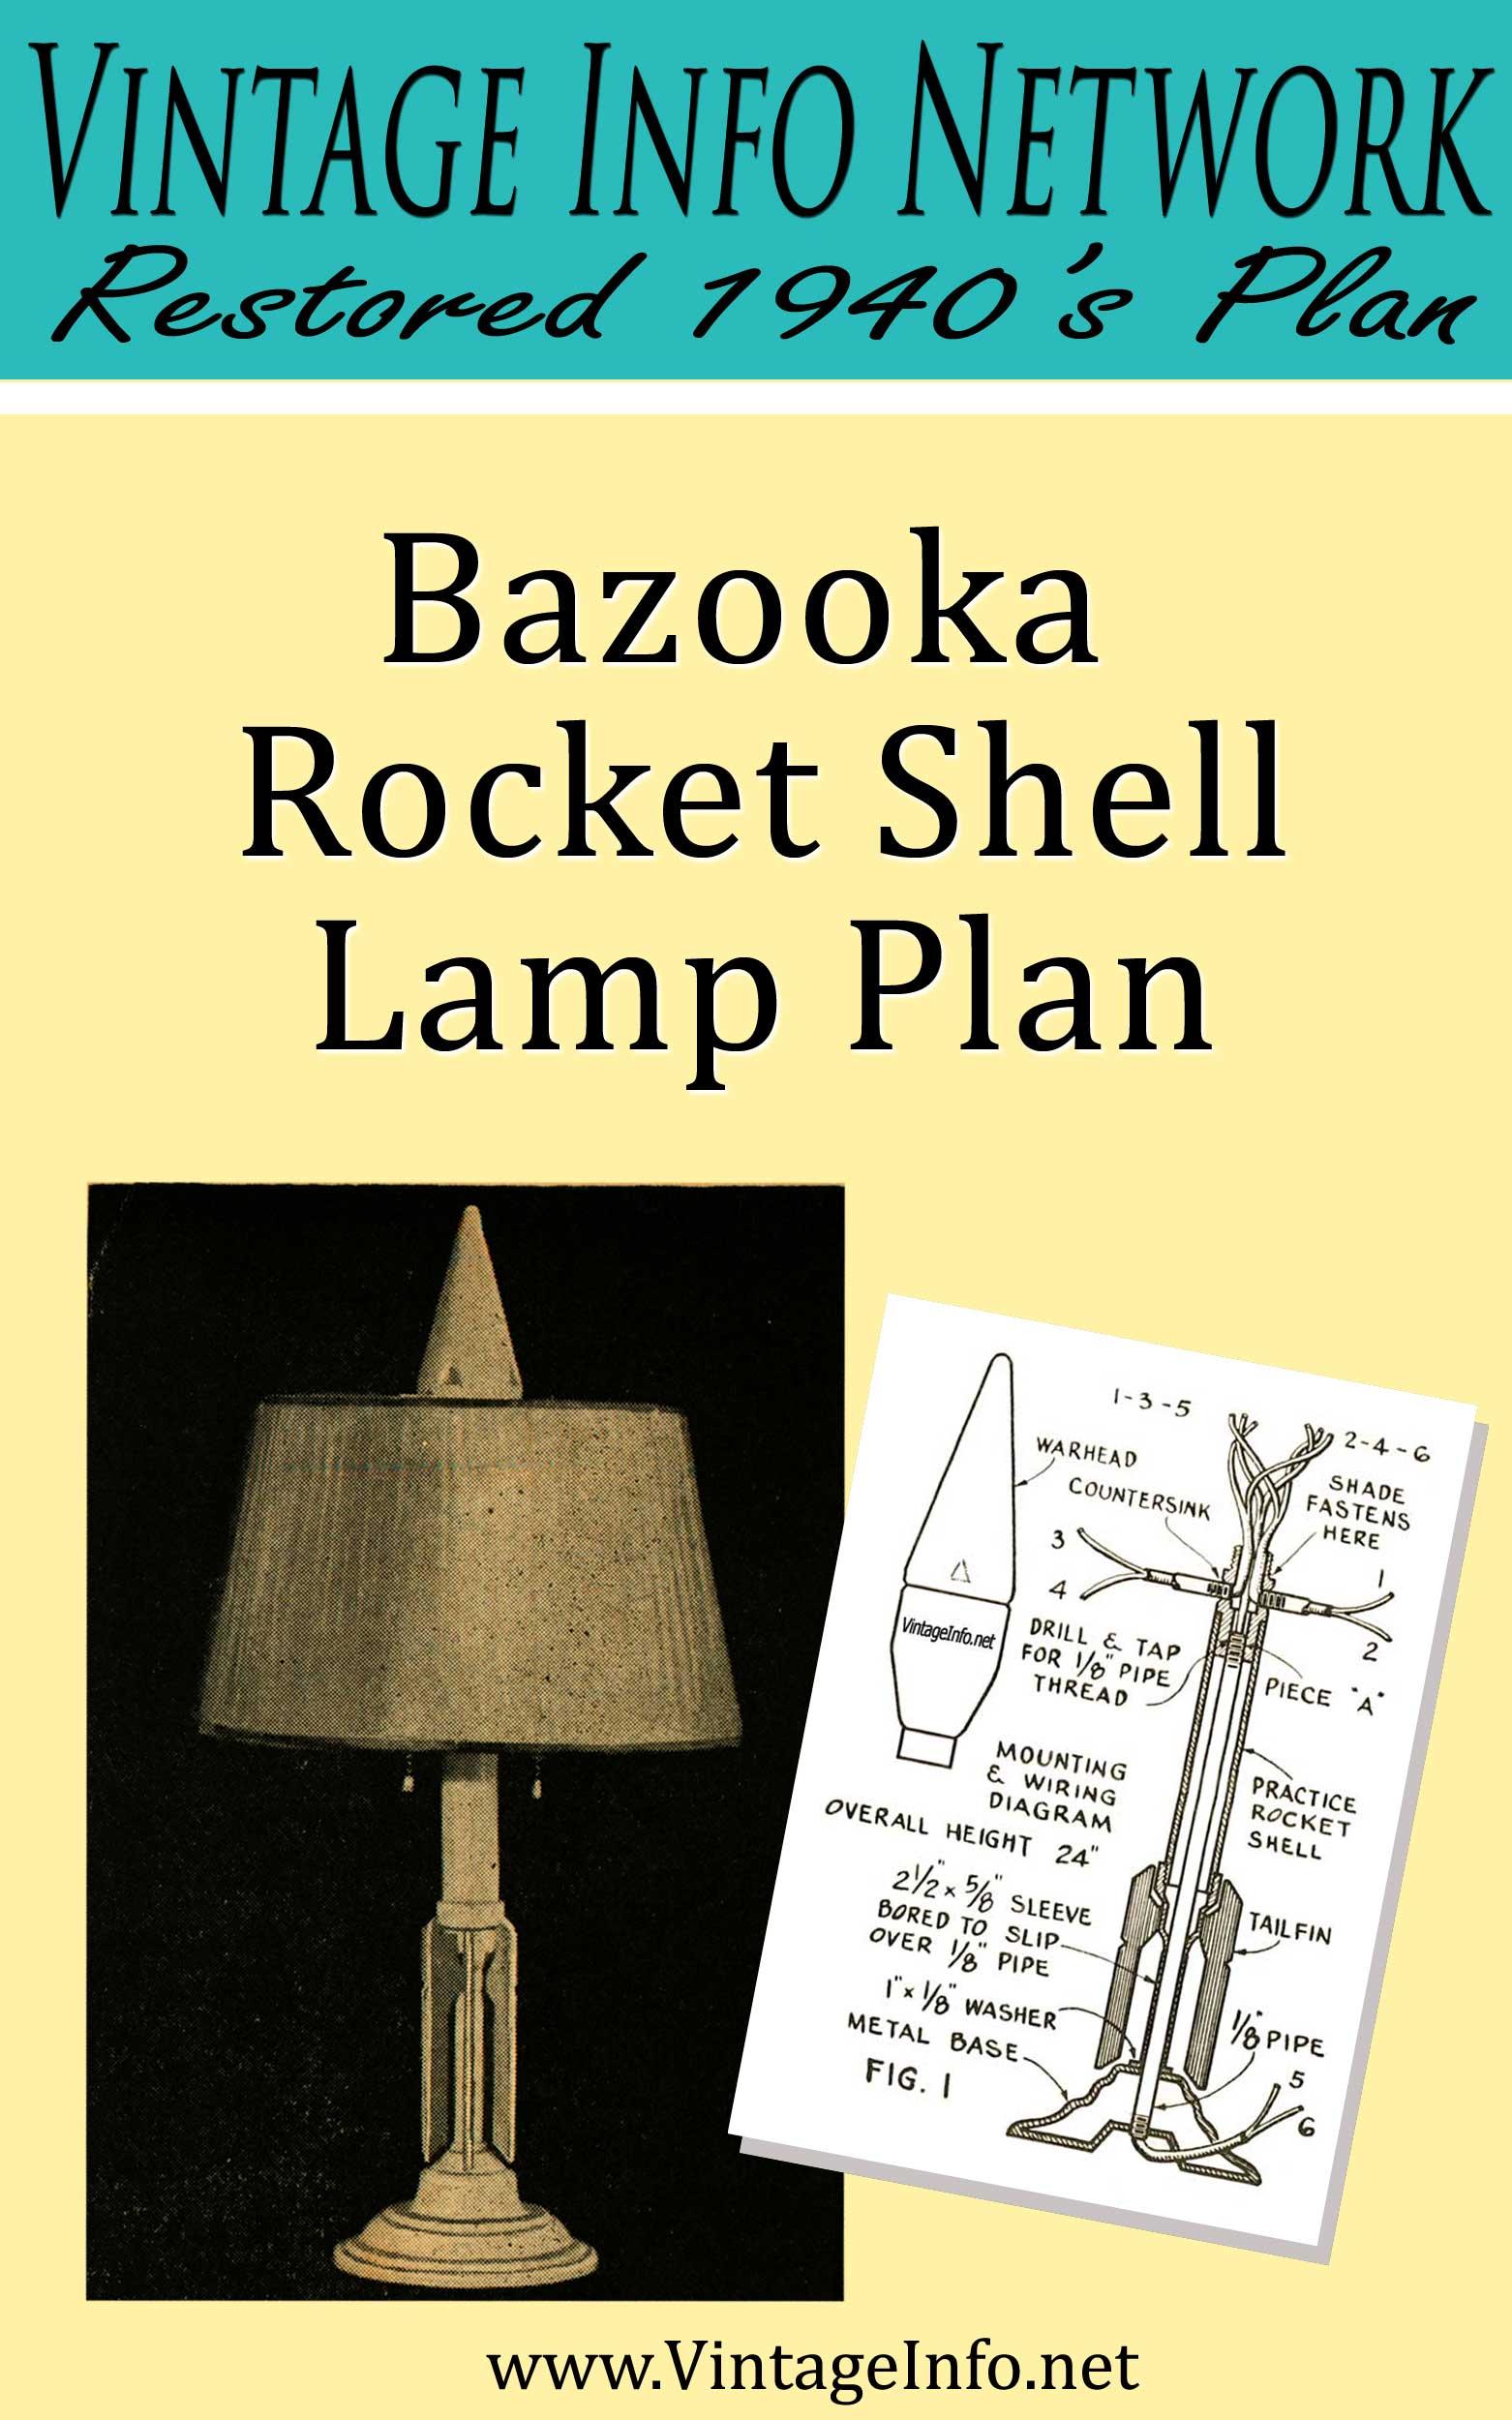 Bazooka Rocket Shell Lamp Plan http://www.vintageinfo.net